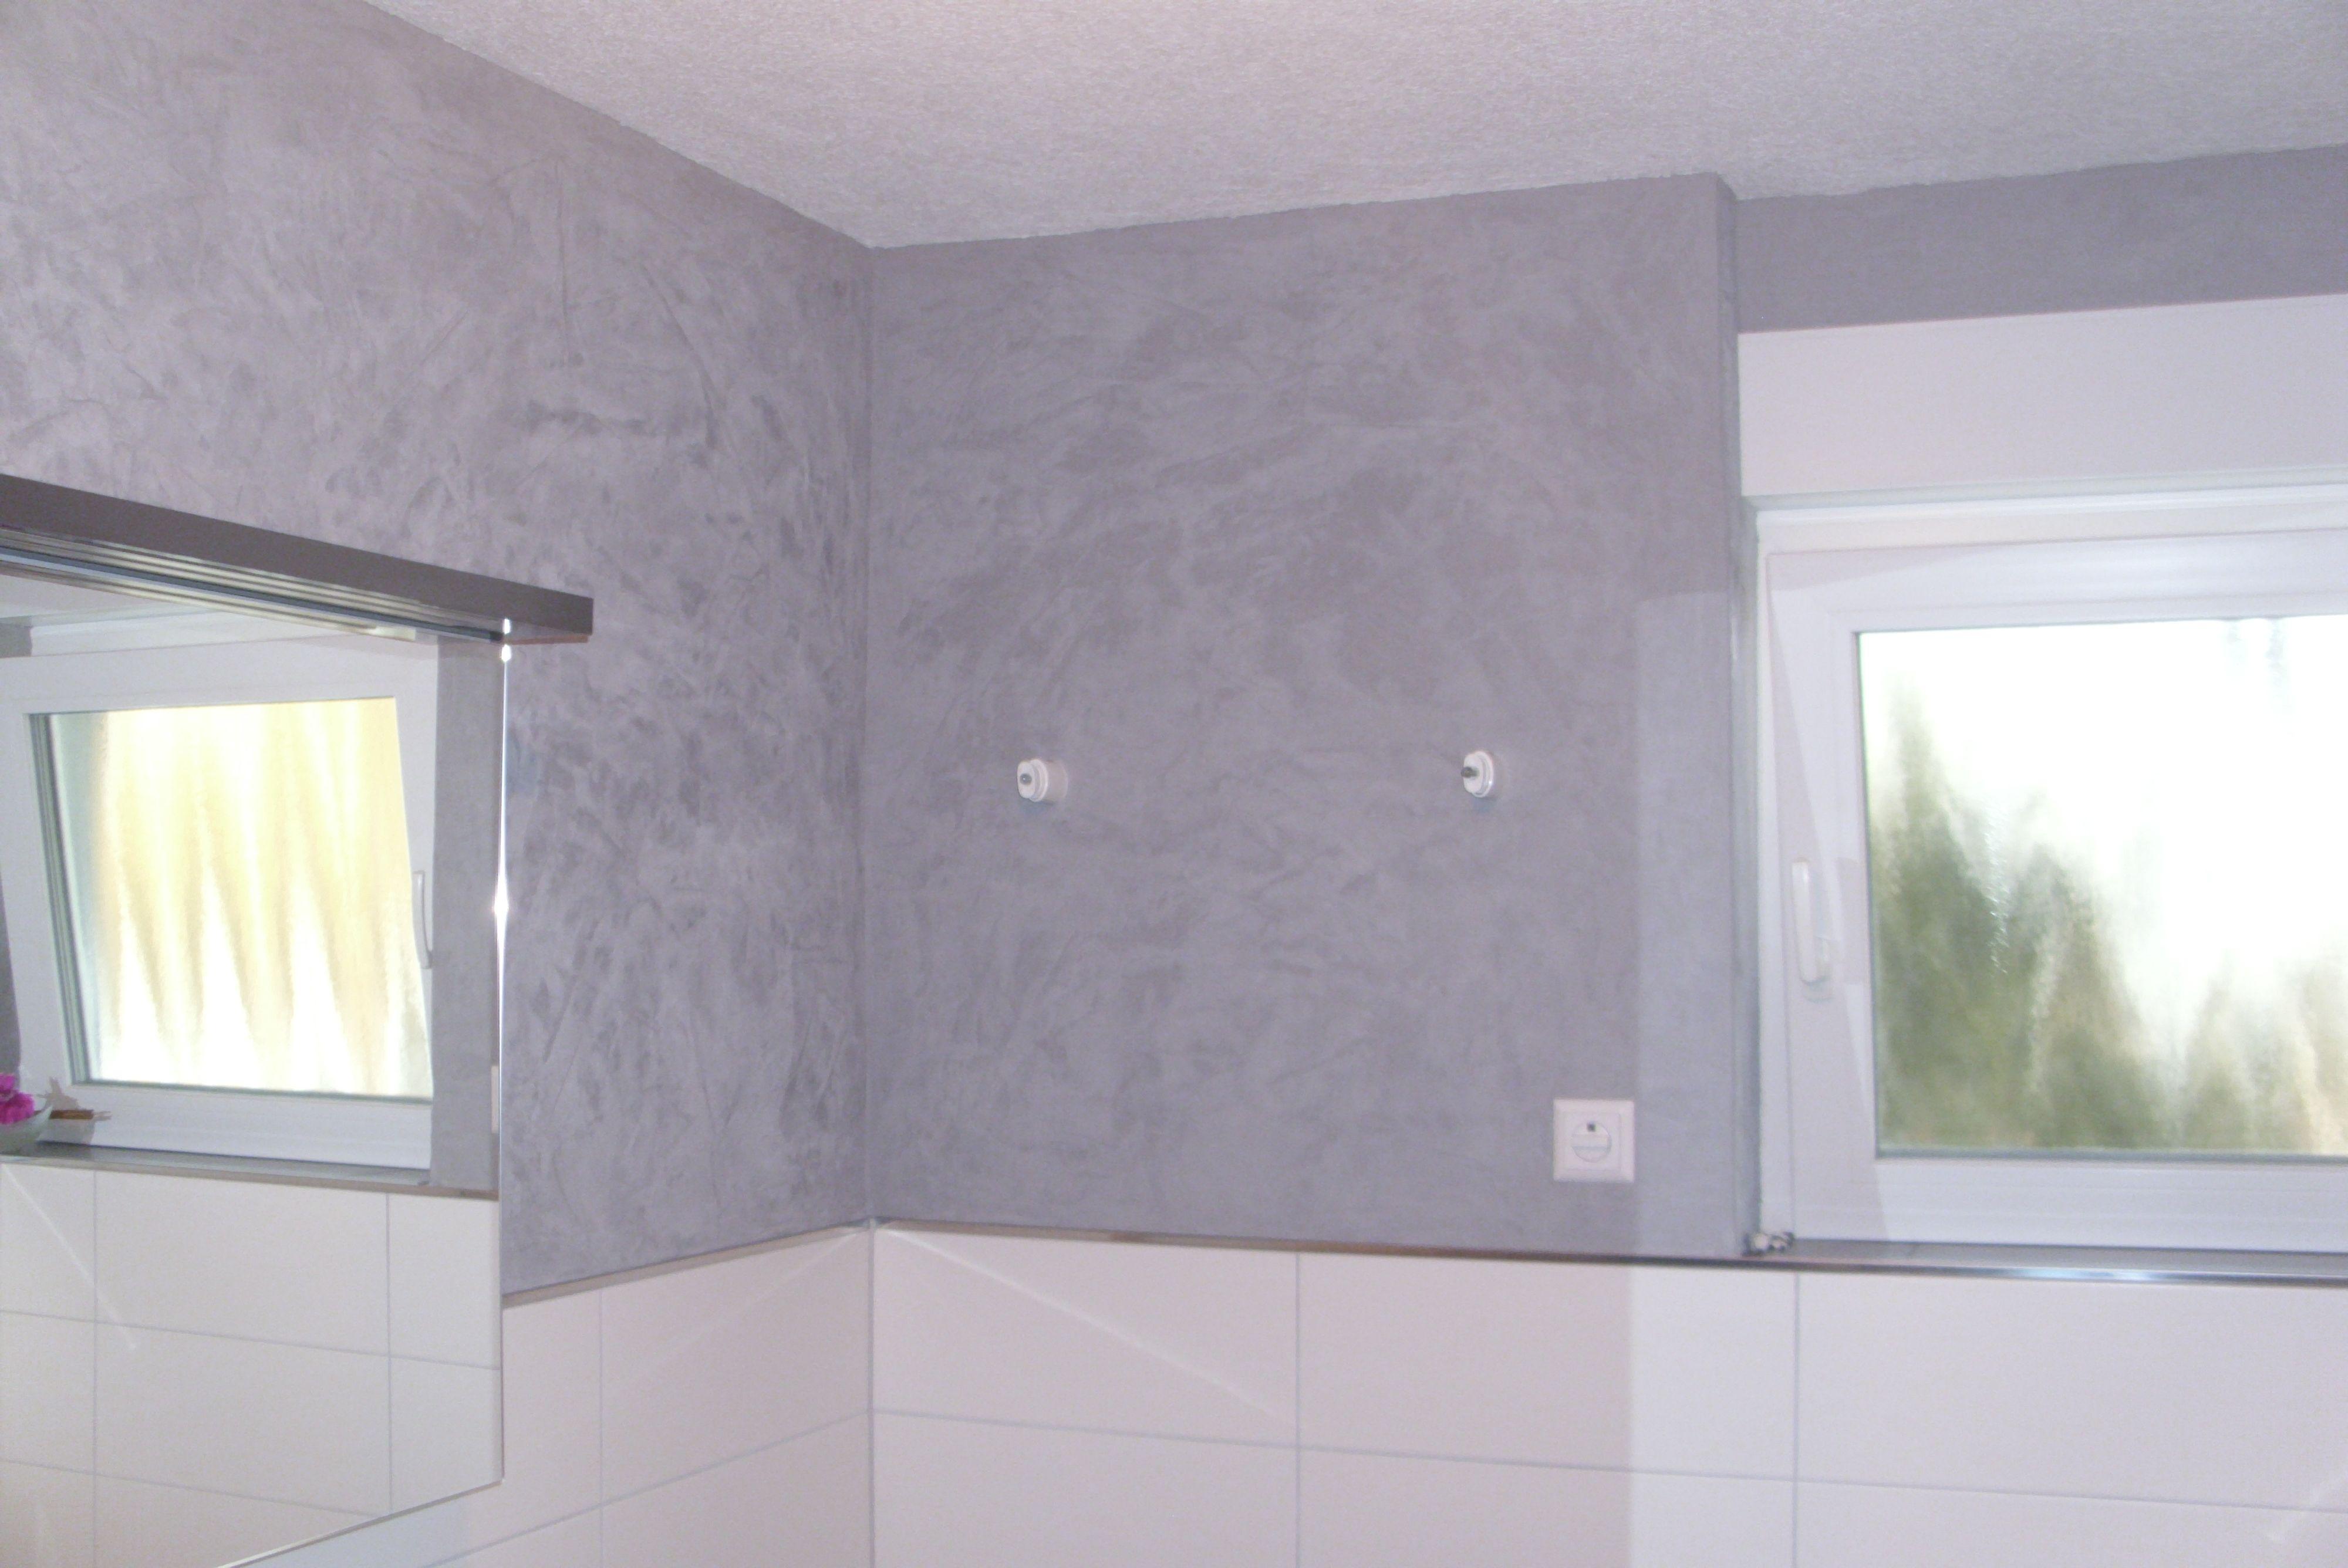 Spachteltechnik Badezimmer